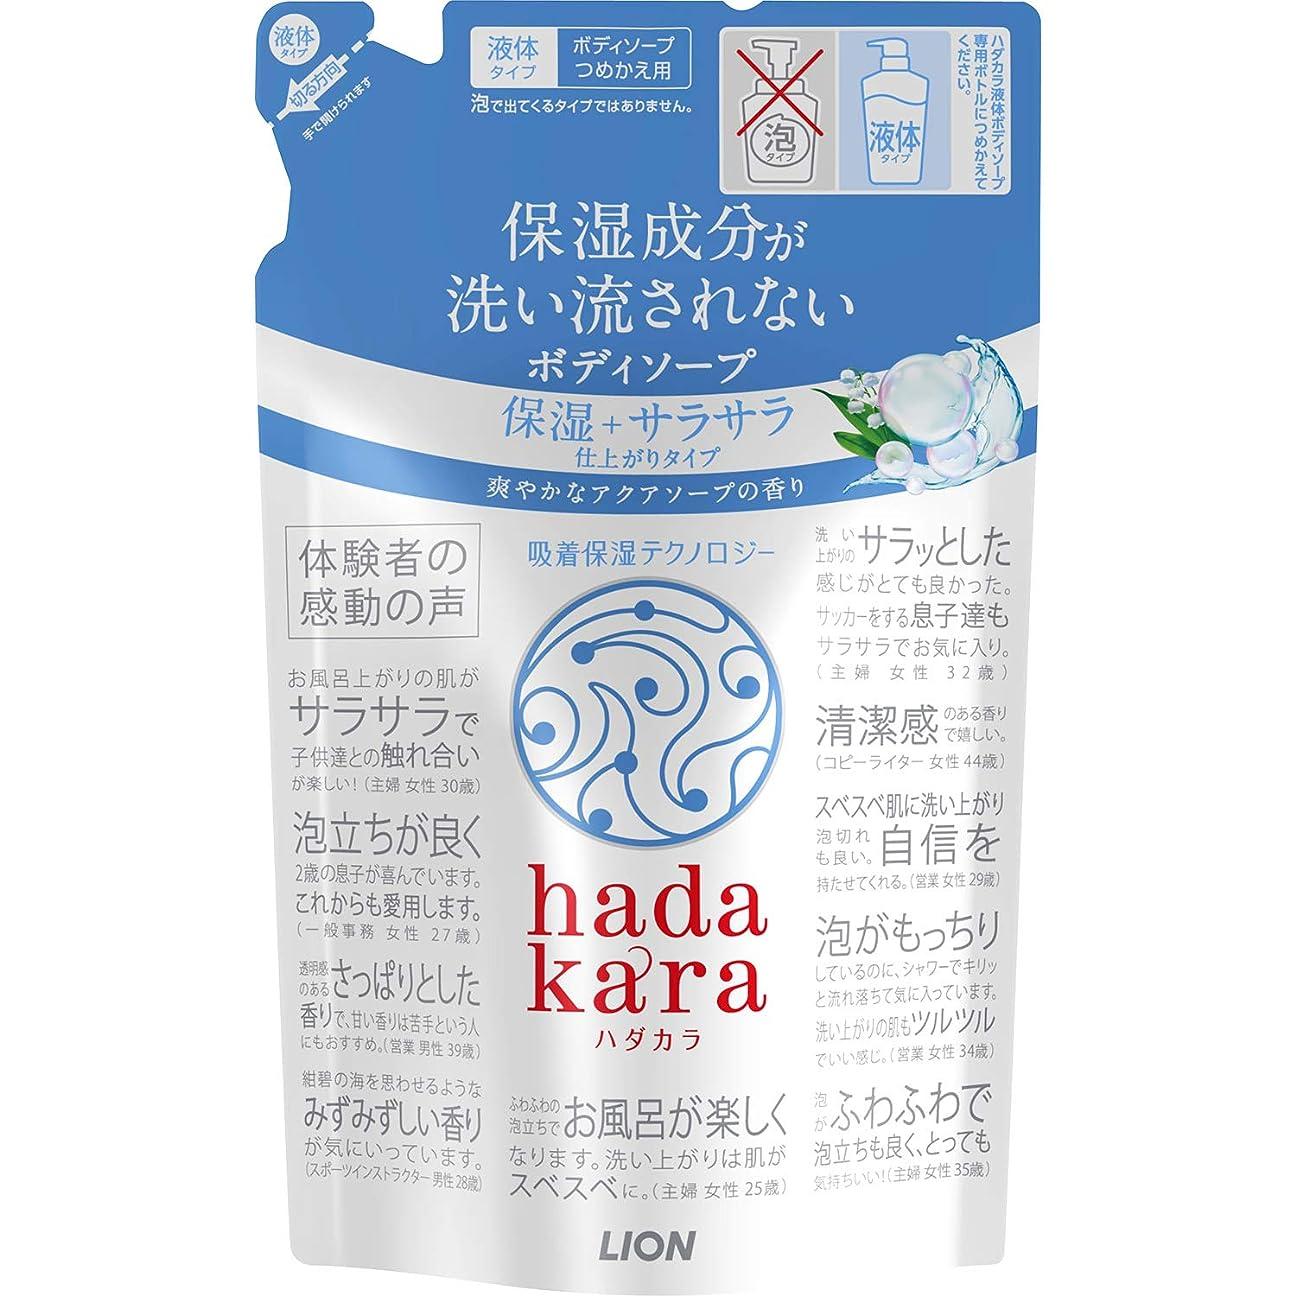 経度どれか罰hadakara(ハダカラ) ボディソープ 保湿+サラサラ仕上がりタイプ アクアソープの香り 詰め替え 340ml